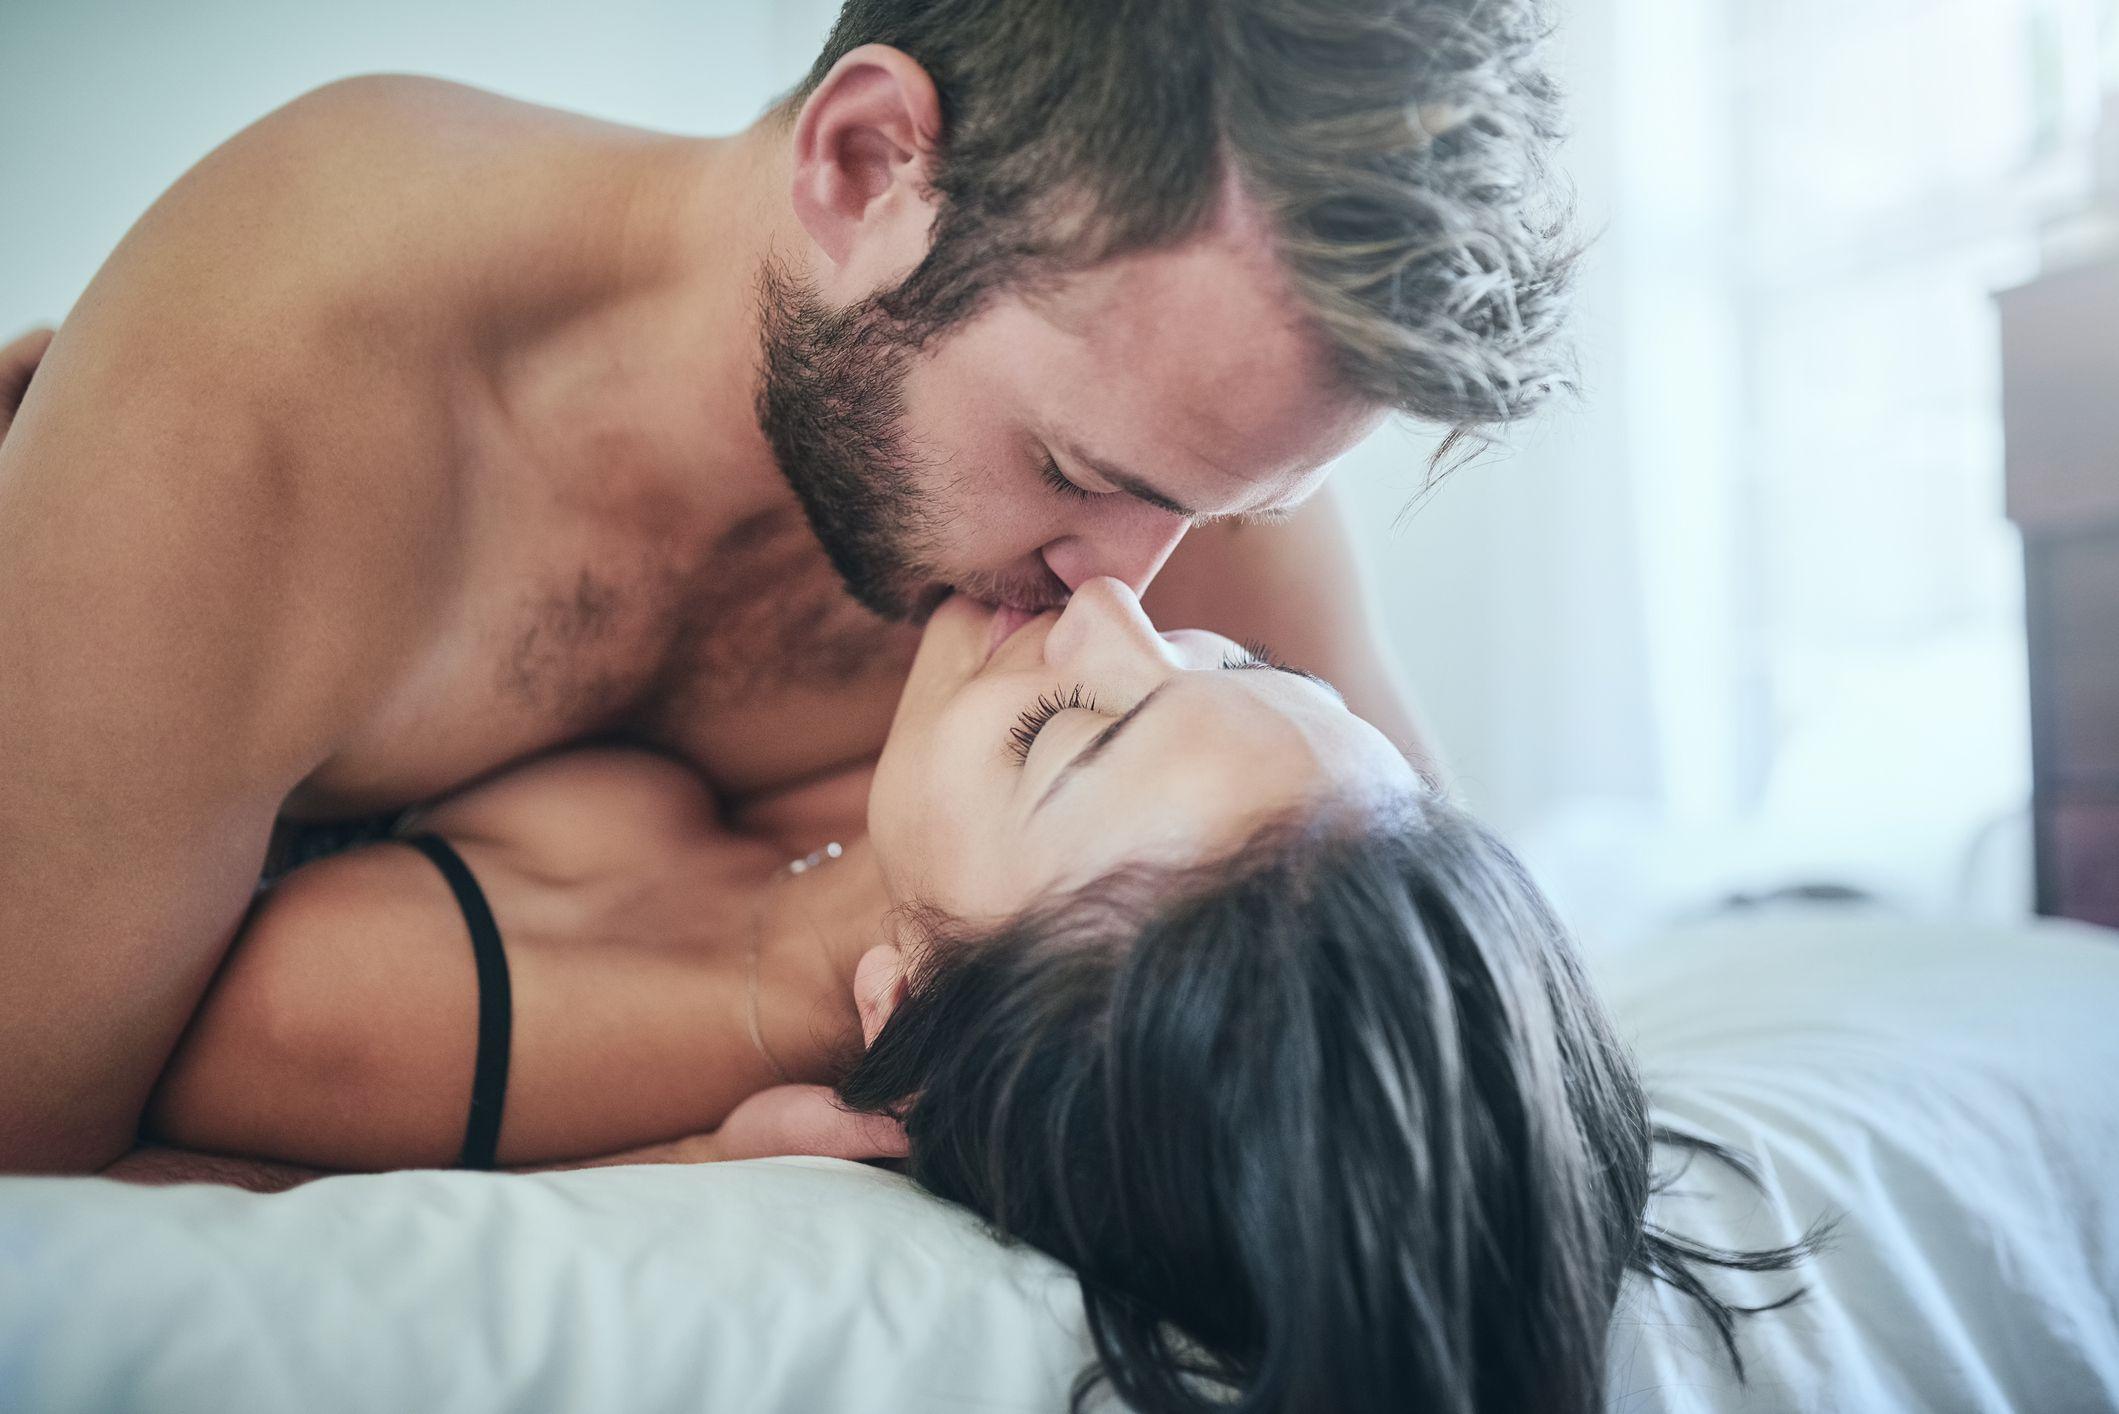 Σεξ Οφέλη Υγεία: Όσοι κάνουν συχνά σεξ έχουν πιο γερή μνήμη και υψηλή αυτοπεποίθηση